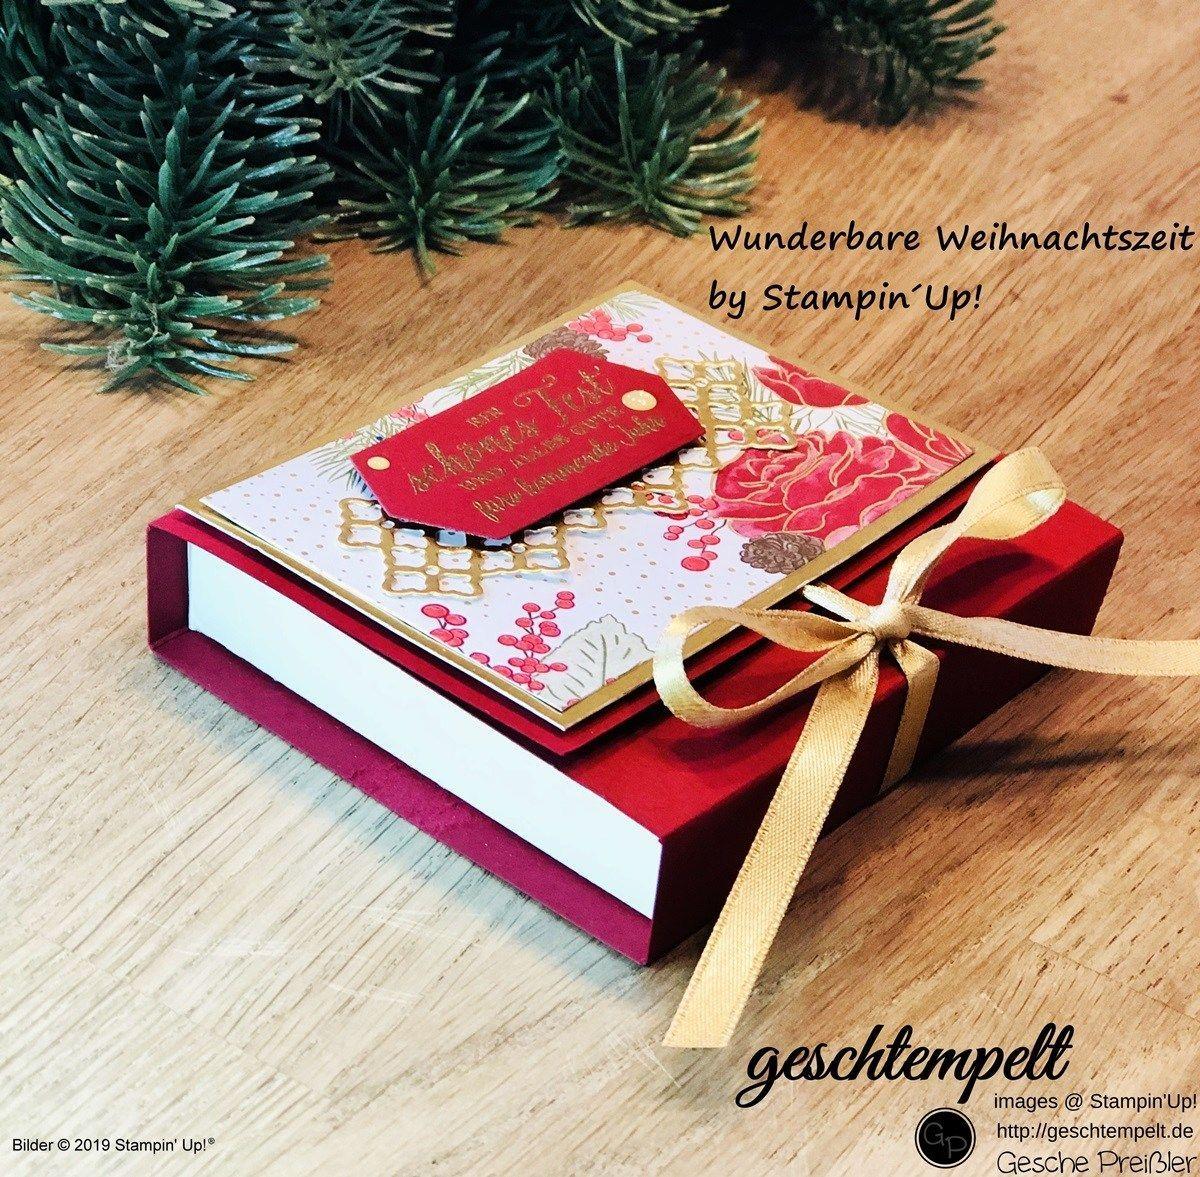 Klappbox - Gutscheinverpackung - wunderbare Weihnachtszeit - eine Anleitung mit den Produkten von Stampin´Up! - geschtempelt - Gesche Preißler -  - #Anleitung #den #eine #Gesche #geschtempelt #Gutscheinverpackung #Klappbox #mit #Preißler #Produkten #StampinUp #von #Weihnachtszeit #wunderbare